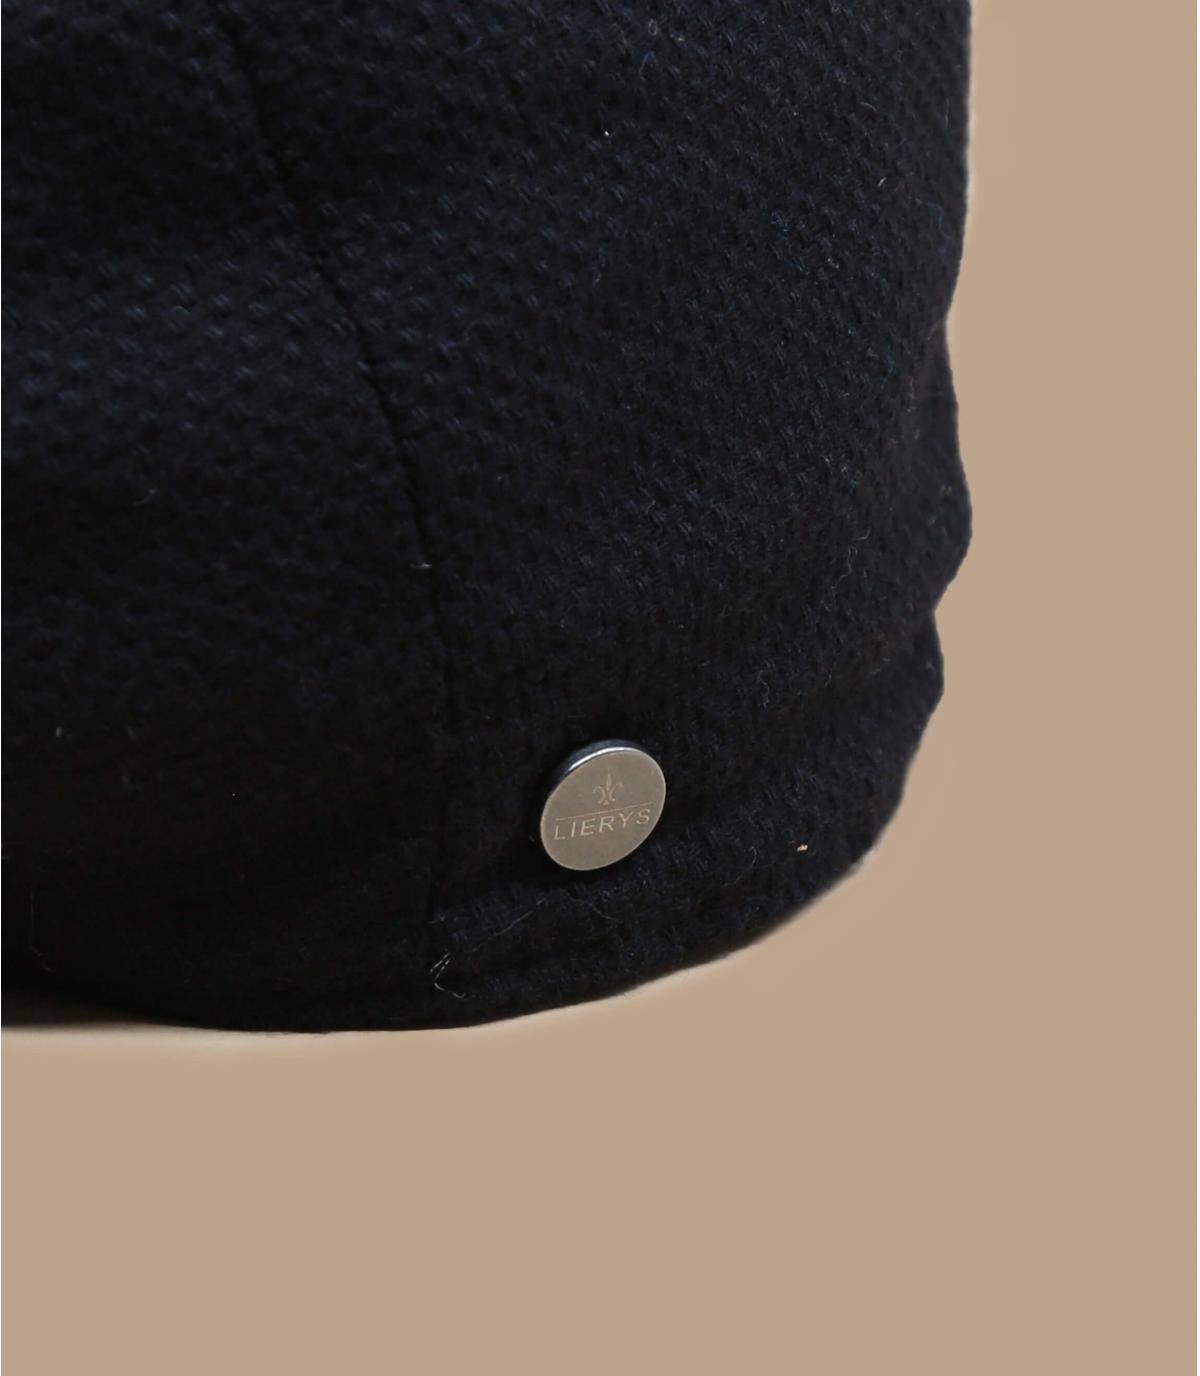 Détails Britton Wool cashmere black - image 2